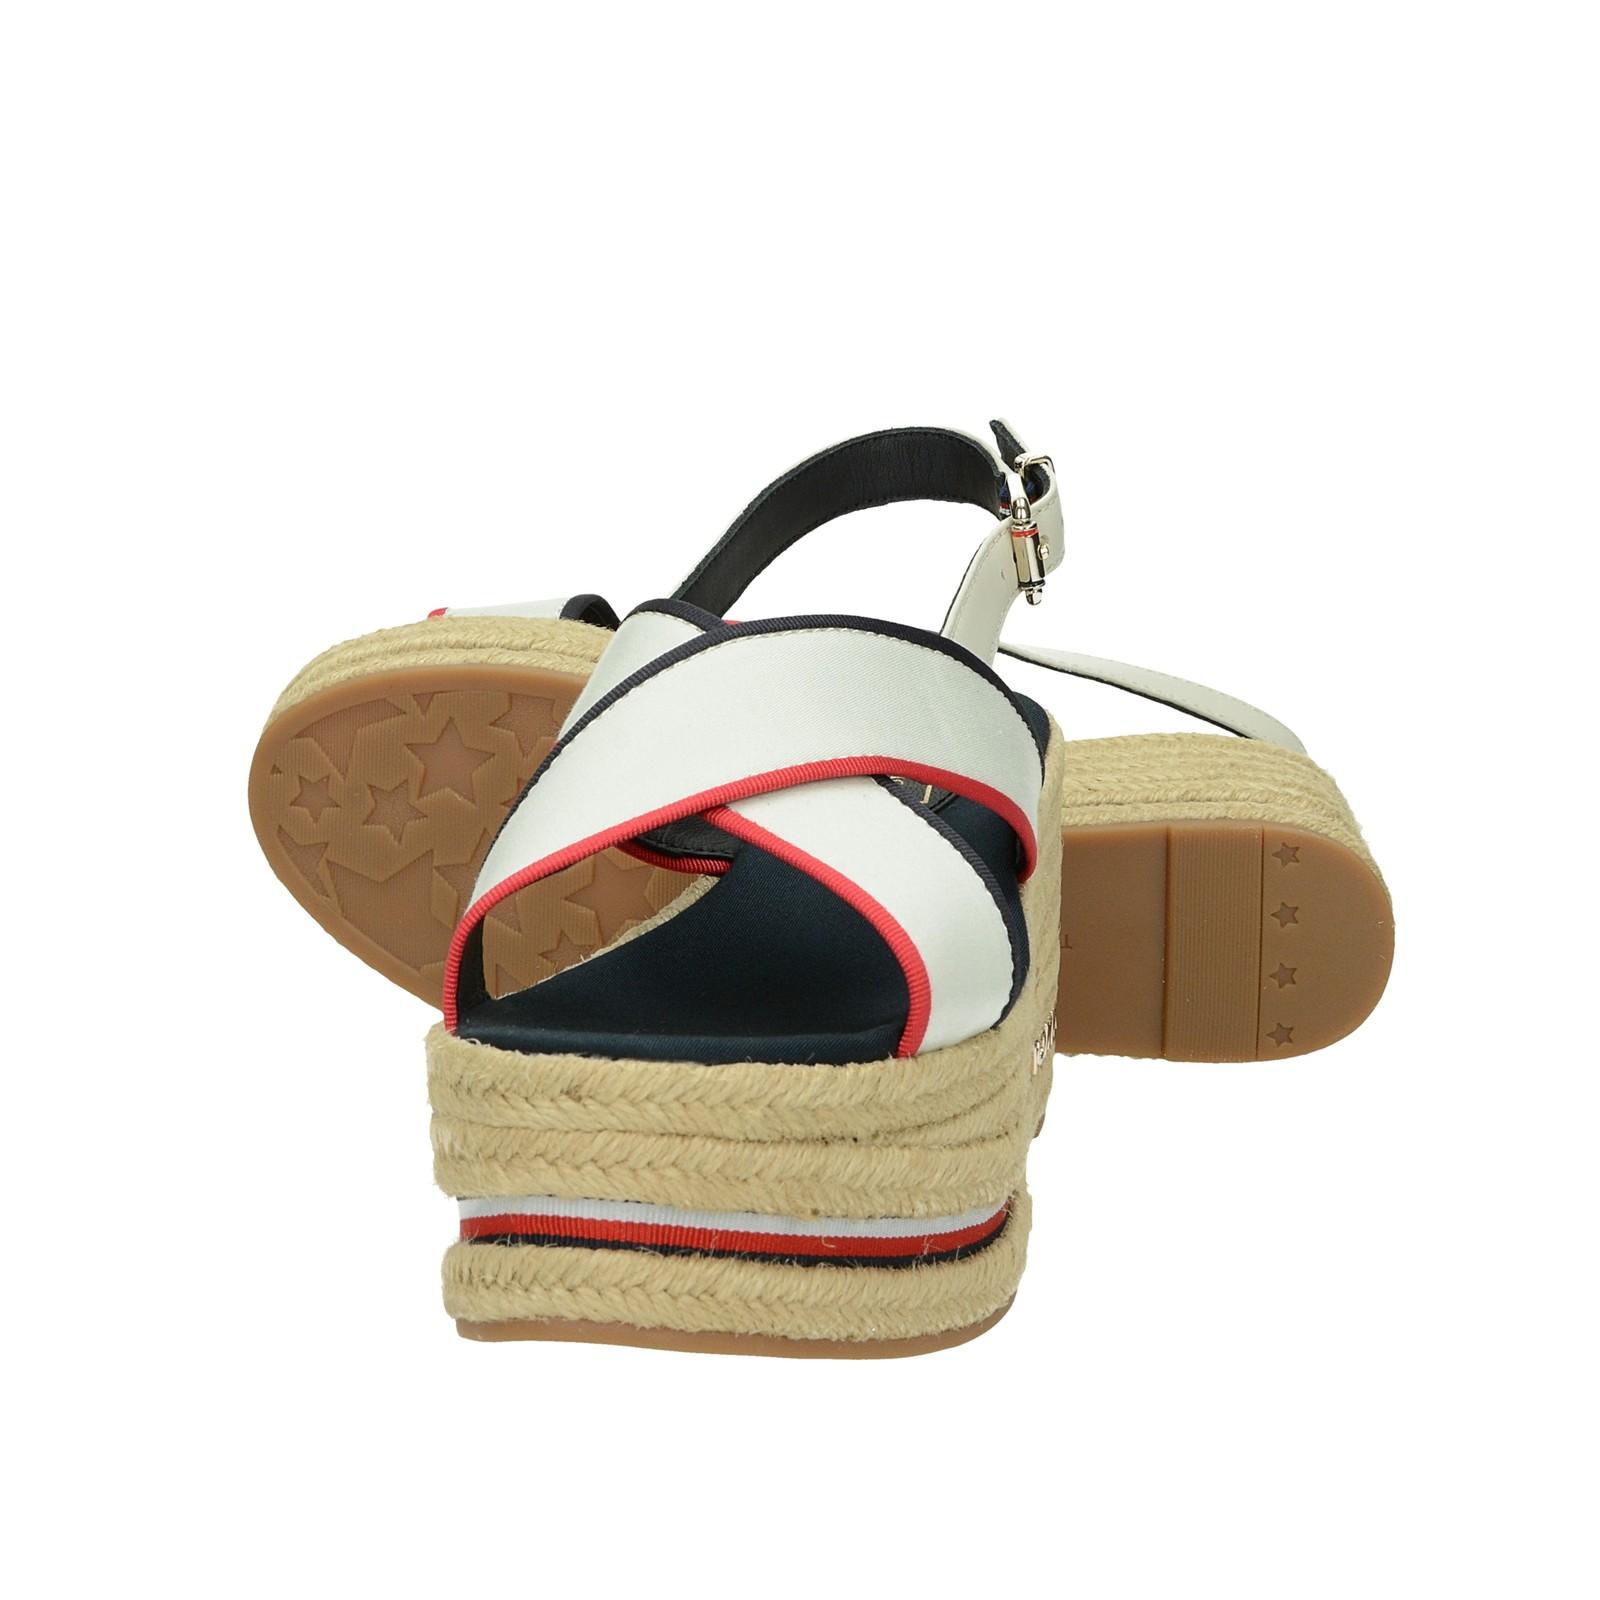 5164a83f6 ... Tommy Hilfiger dámske štýlové sandále na klinovej podrážke - biele ...